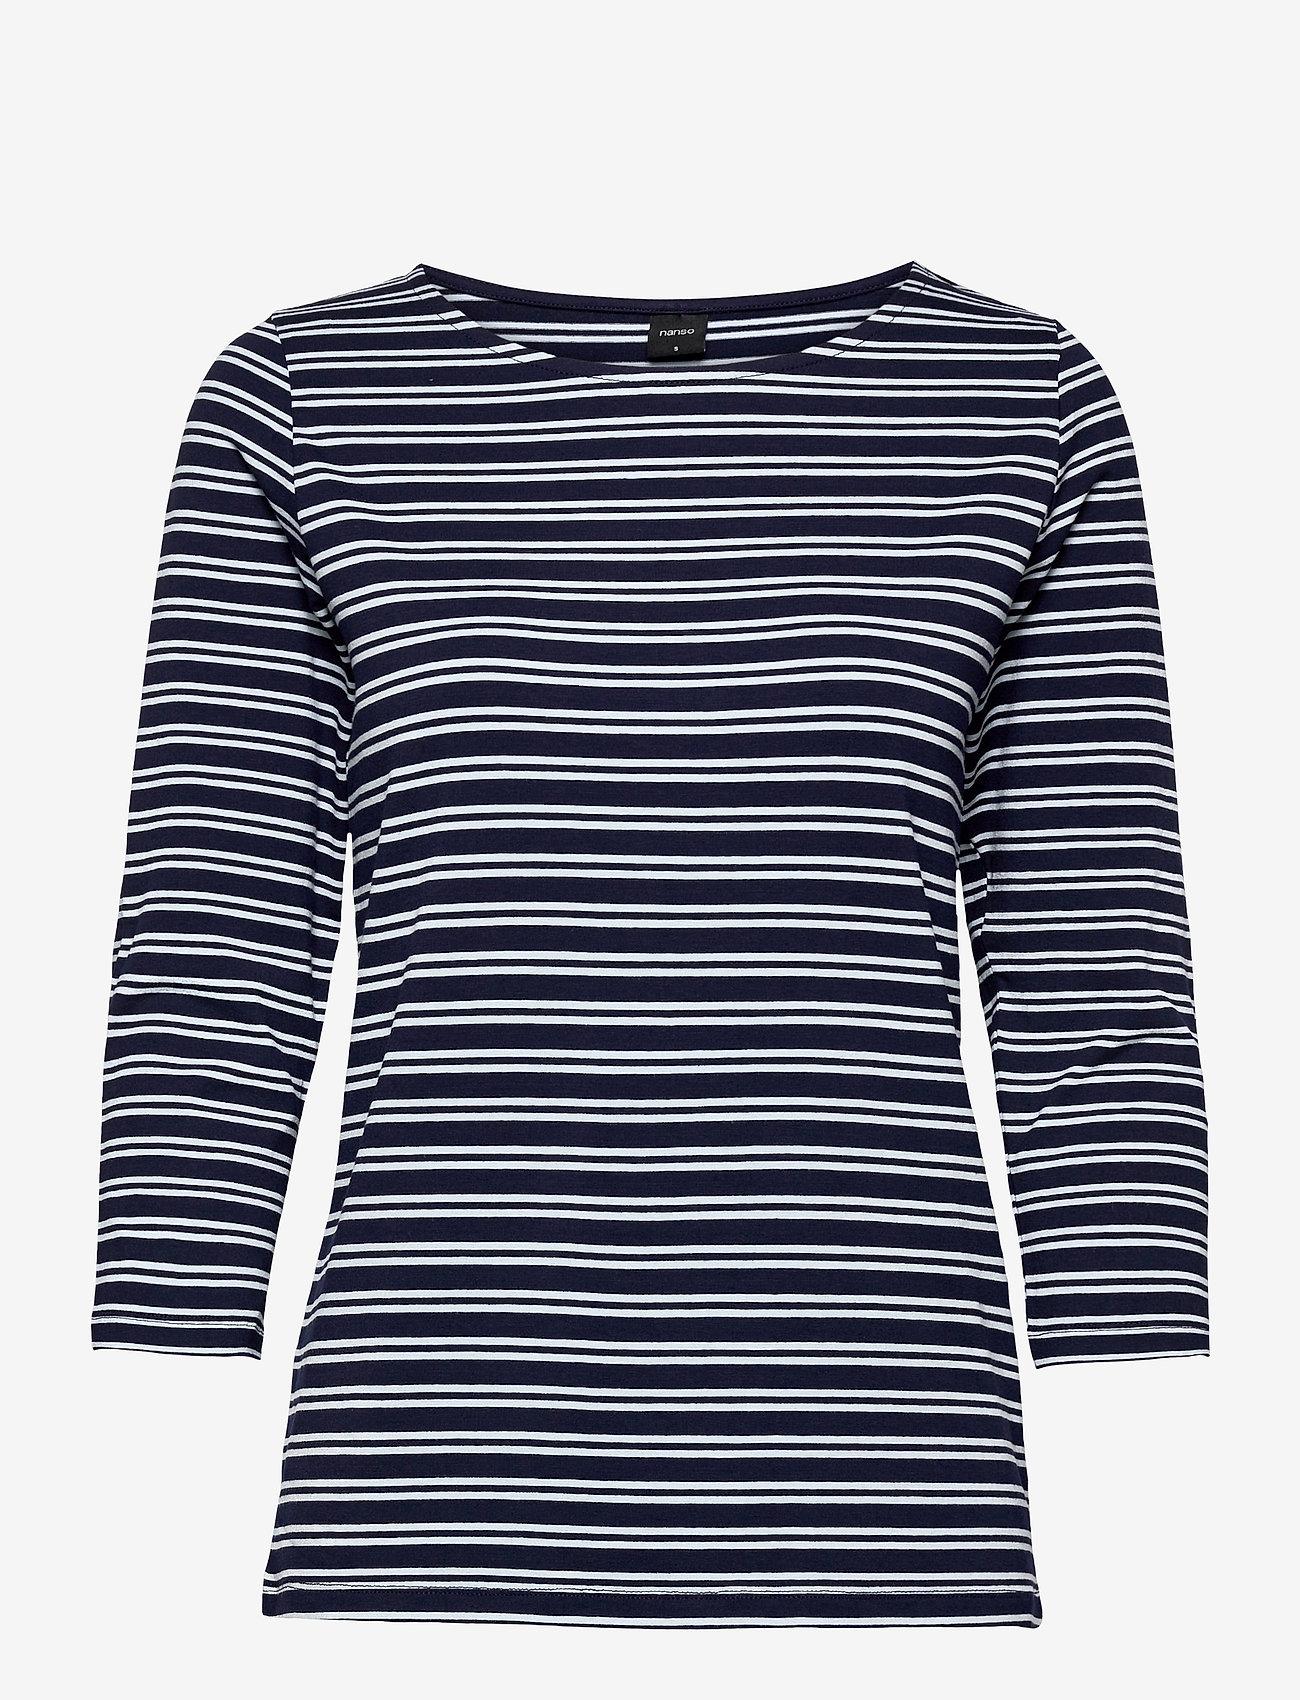 Nanso - Ladies blouse, Virna - tops met lange mouwen - blue - 0